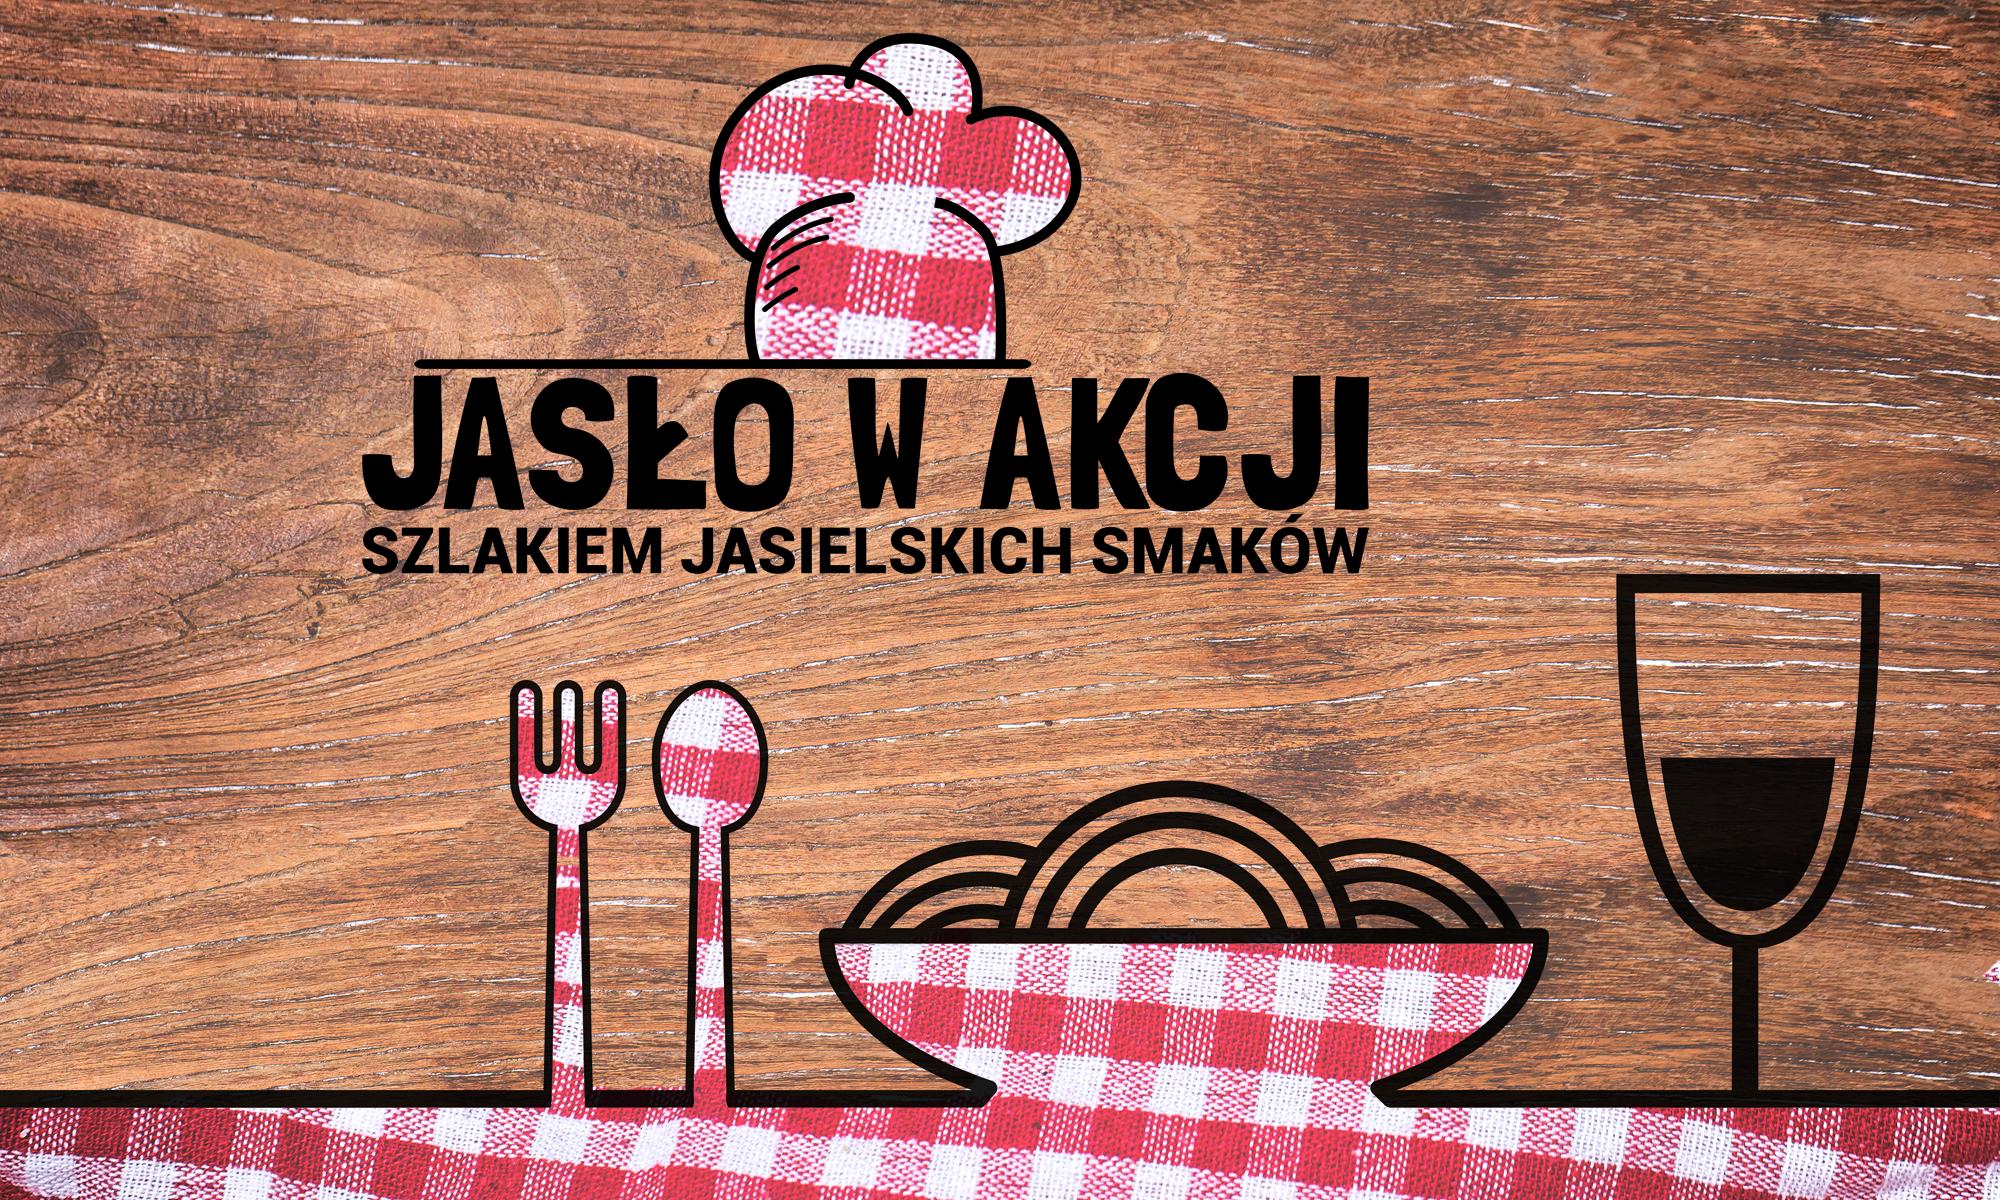 Jasło w akcji - Szlakiem jasielskich smaków